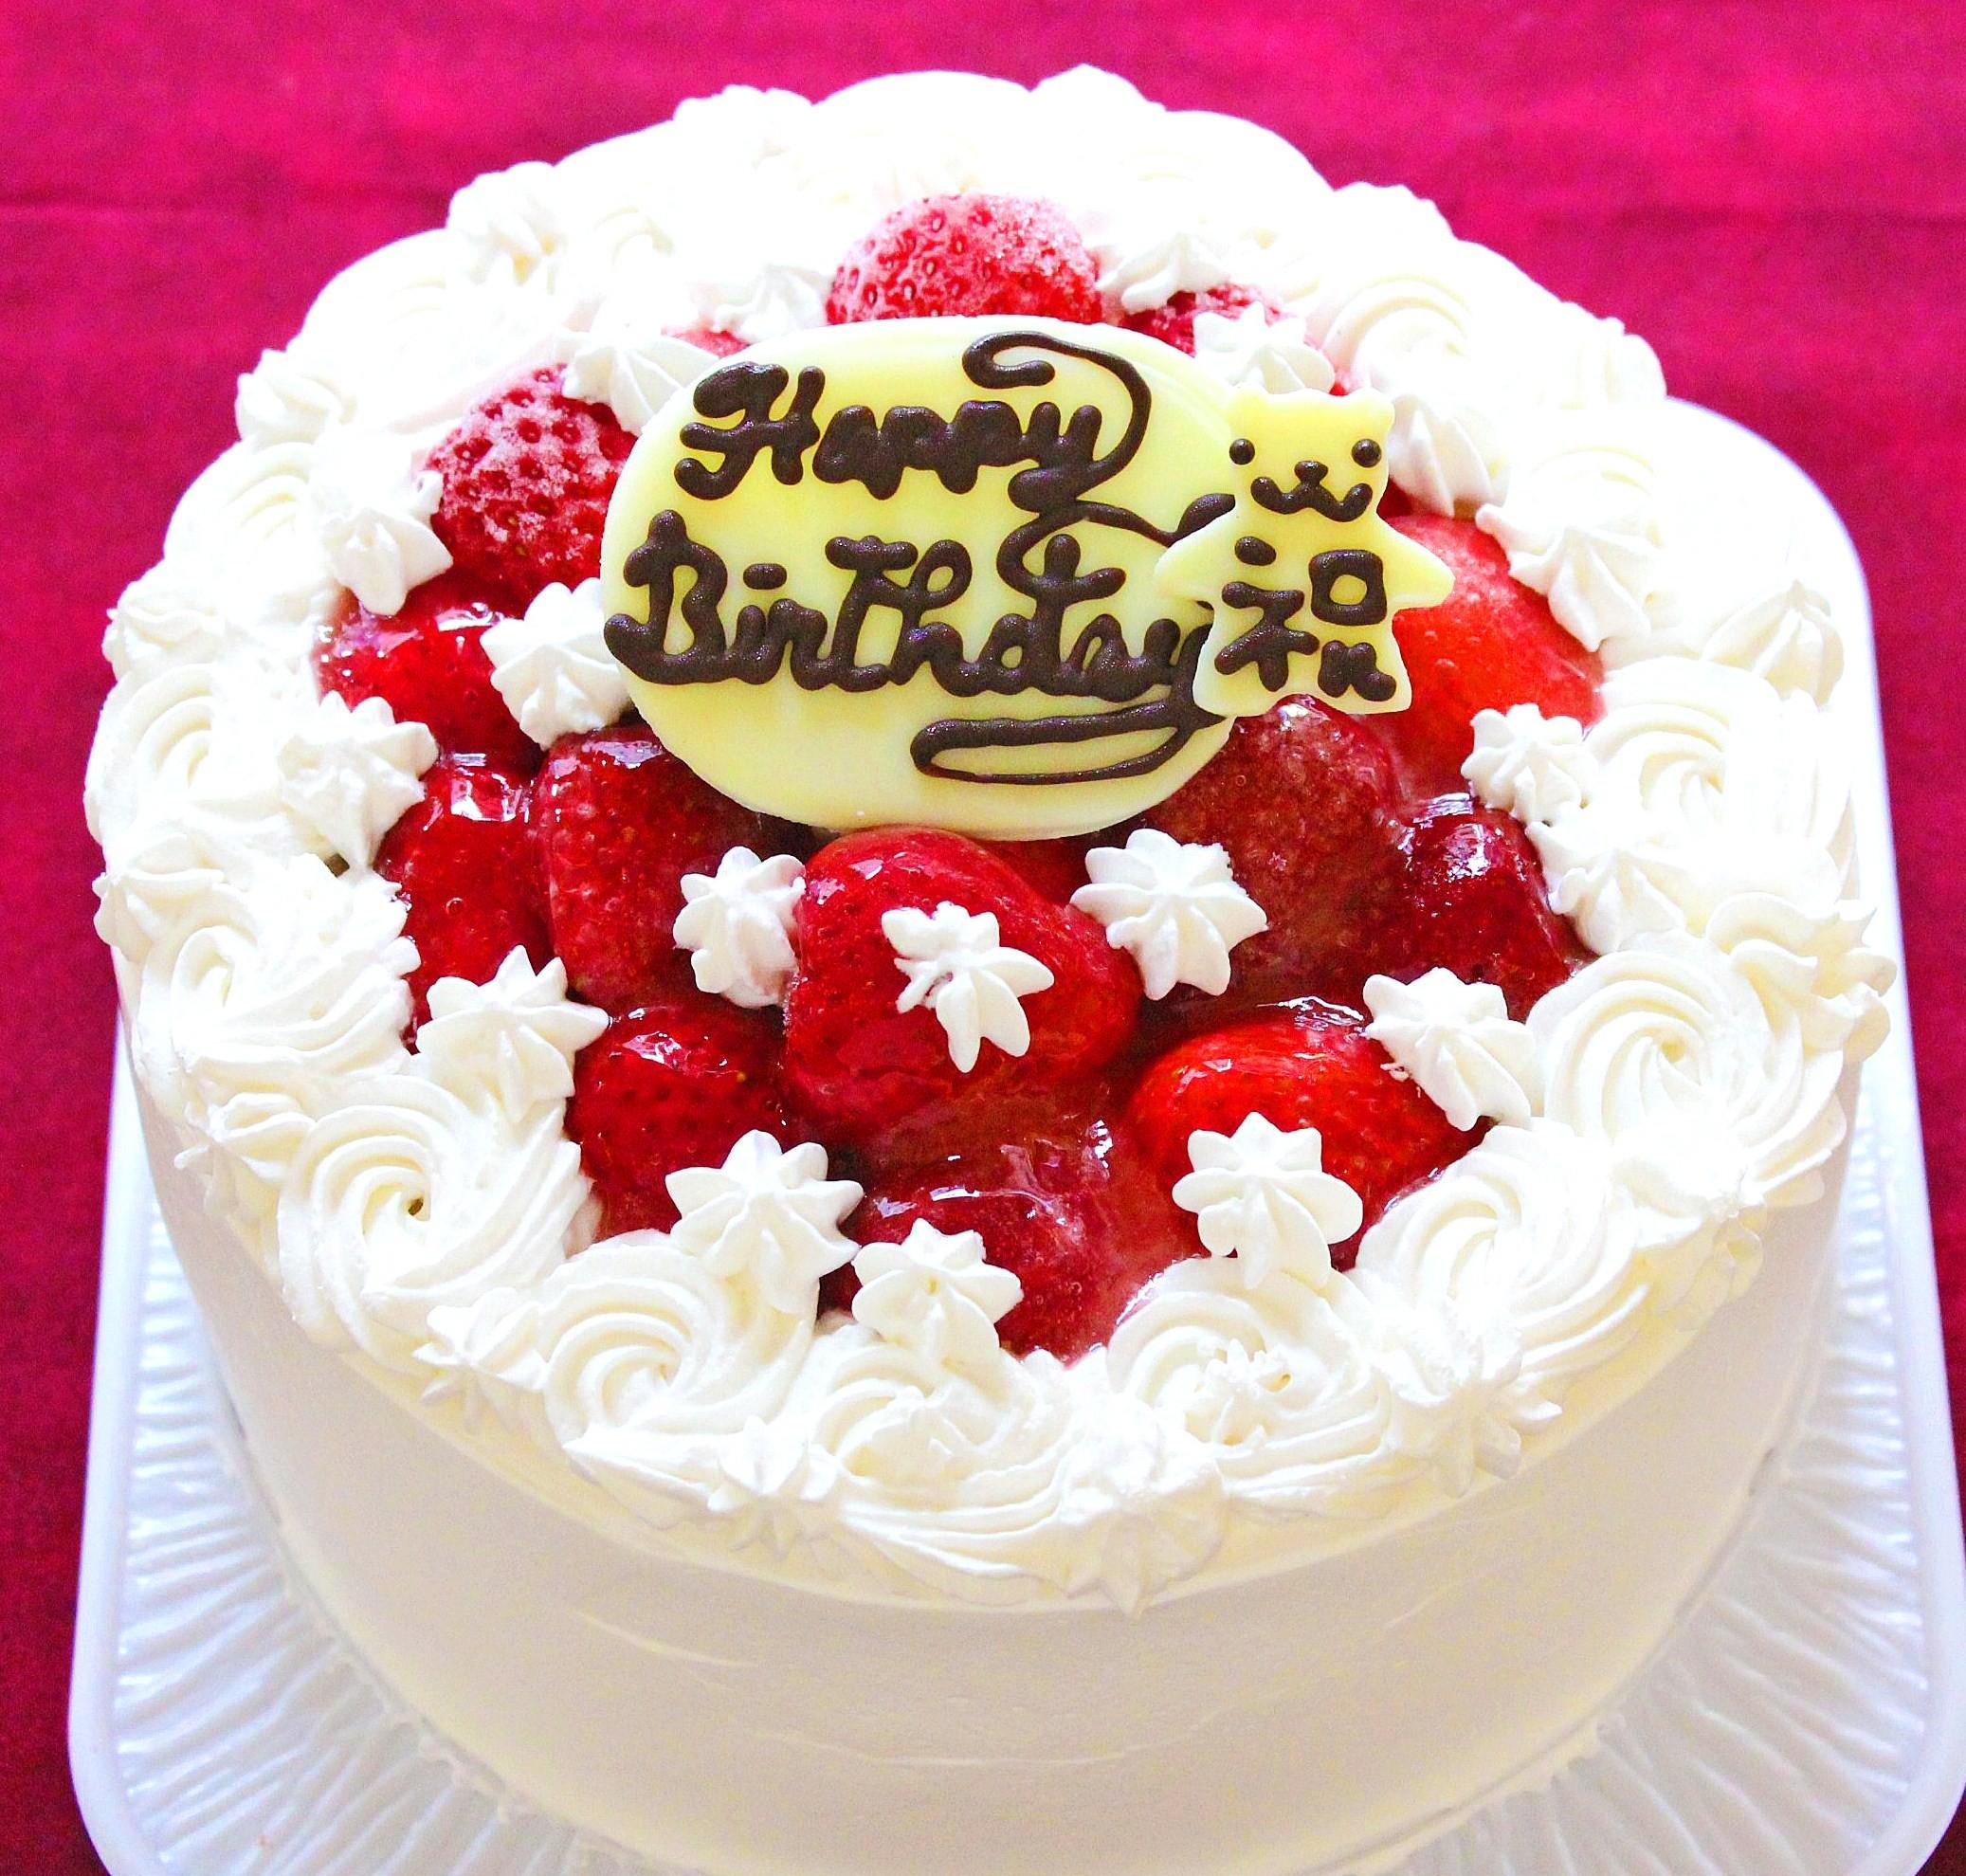 北海道生クリーム使用☆苺のデコレーションケーキ  7号の画像1枚目